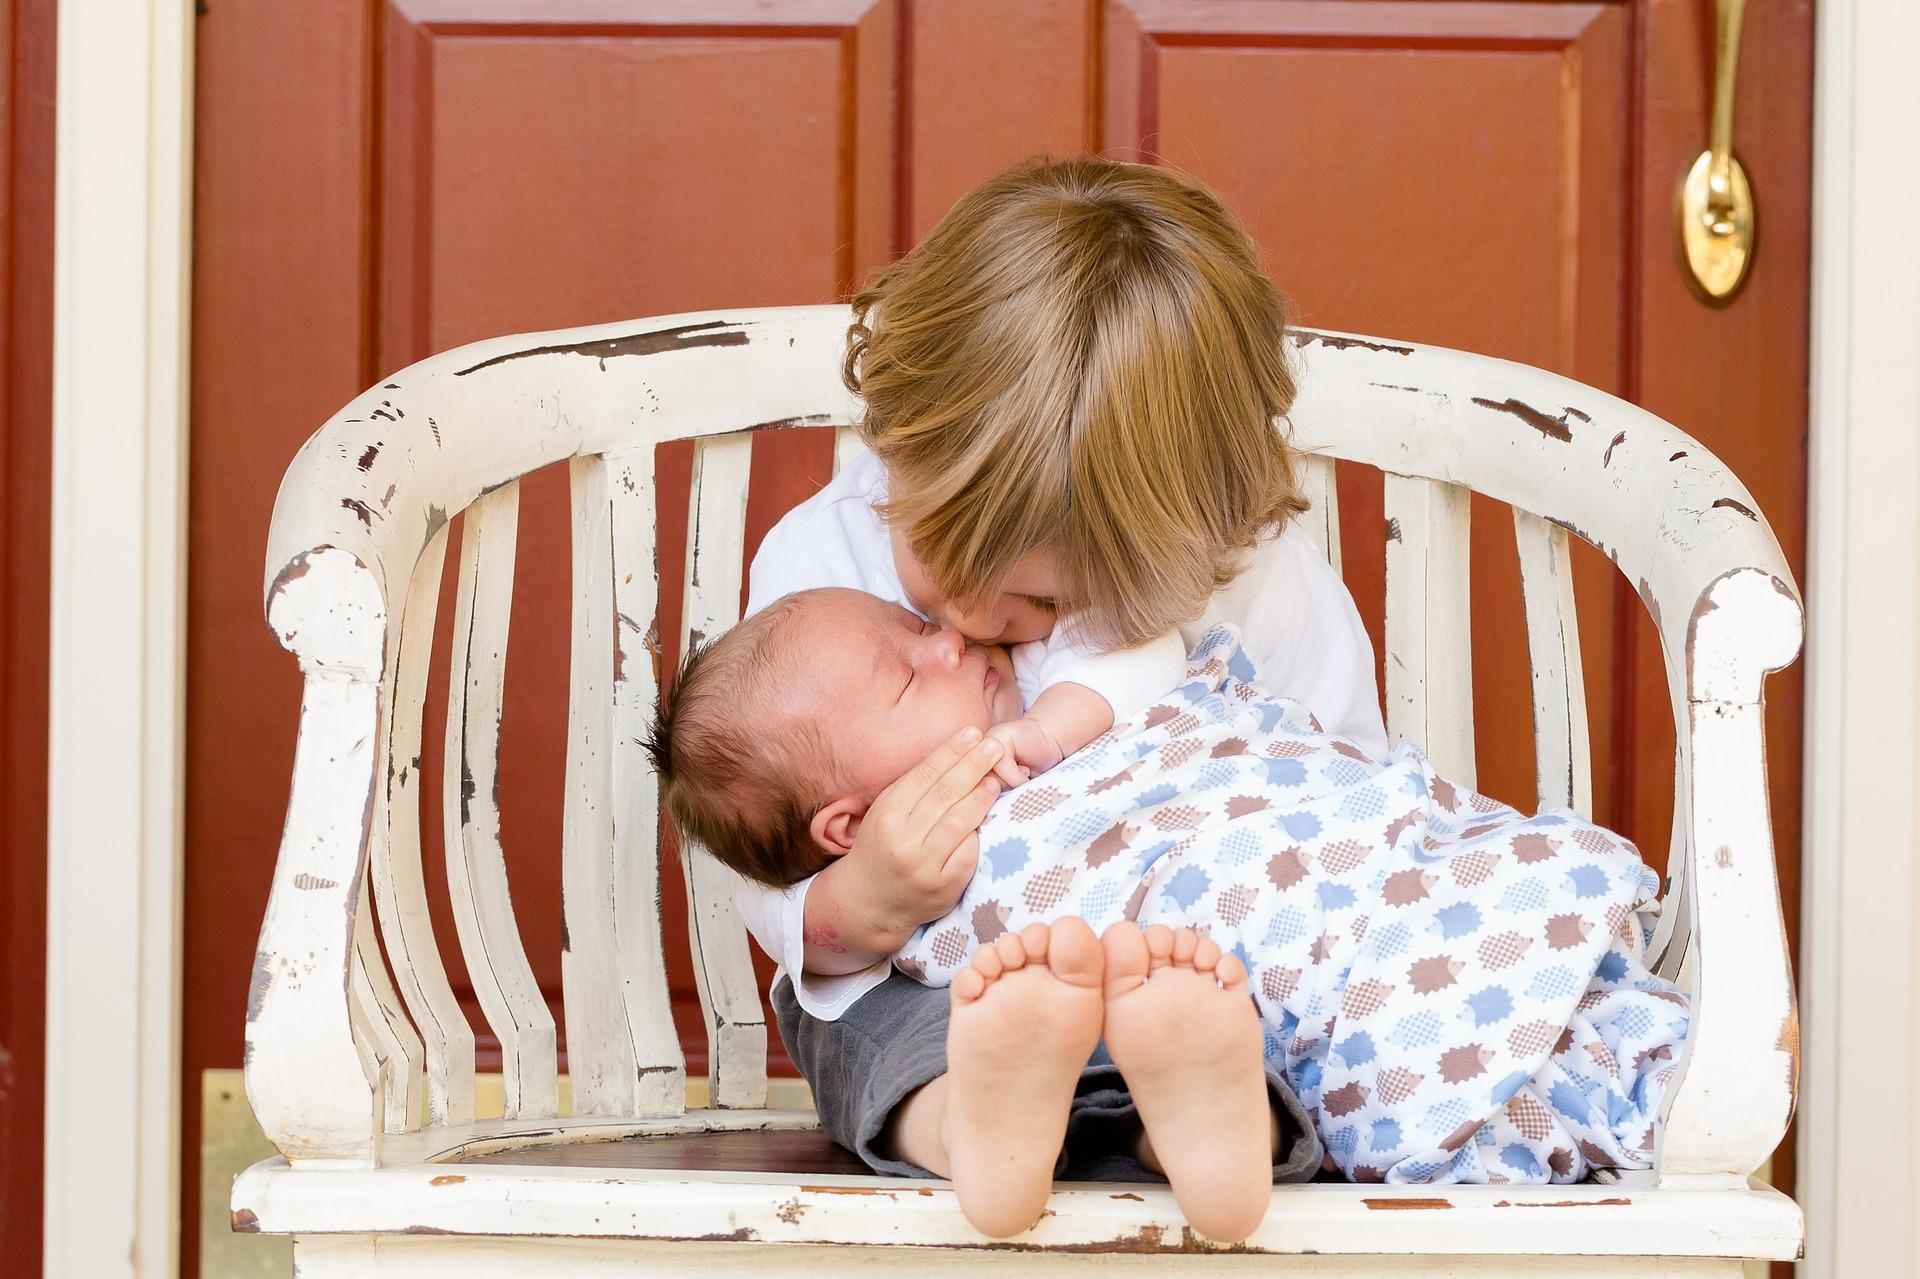 sestra-drži-bebu-u-krilu-i-ljubi-je